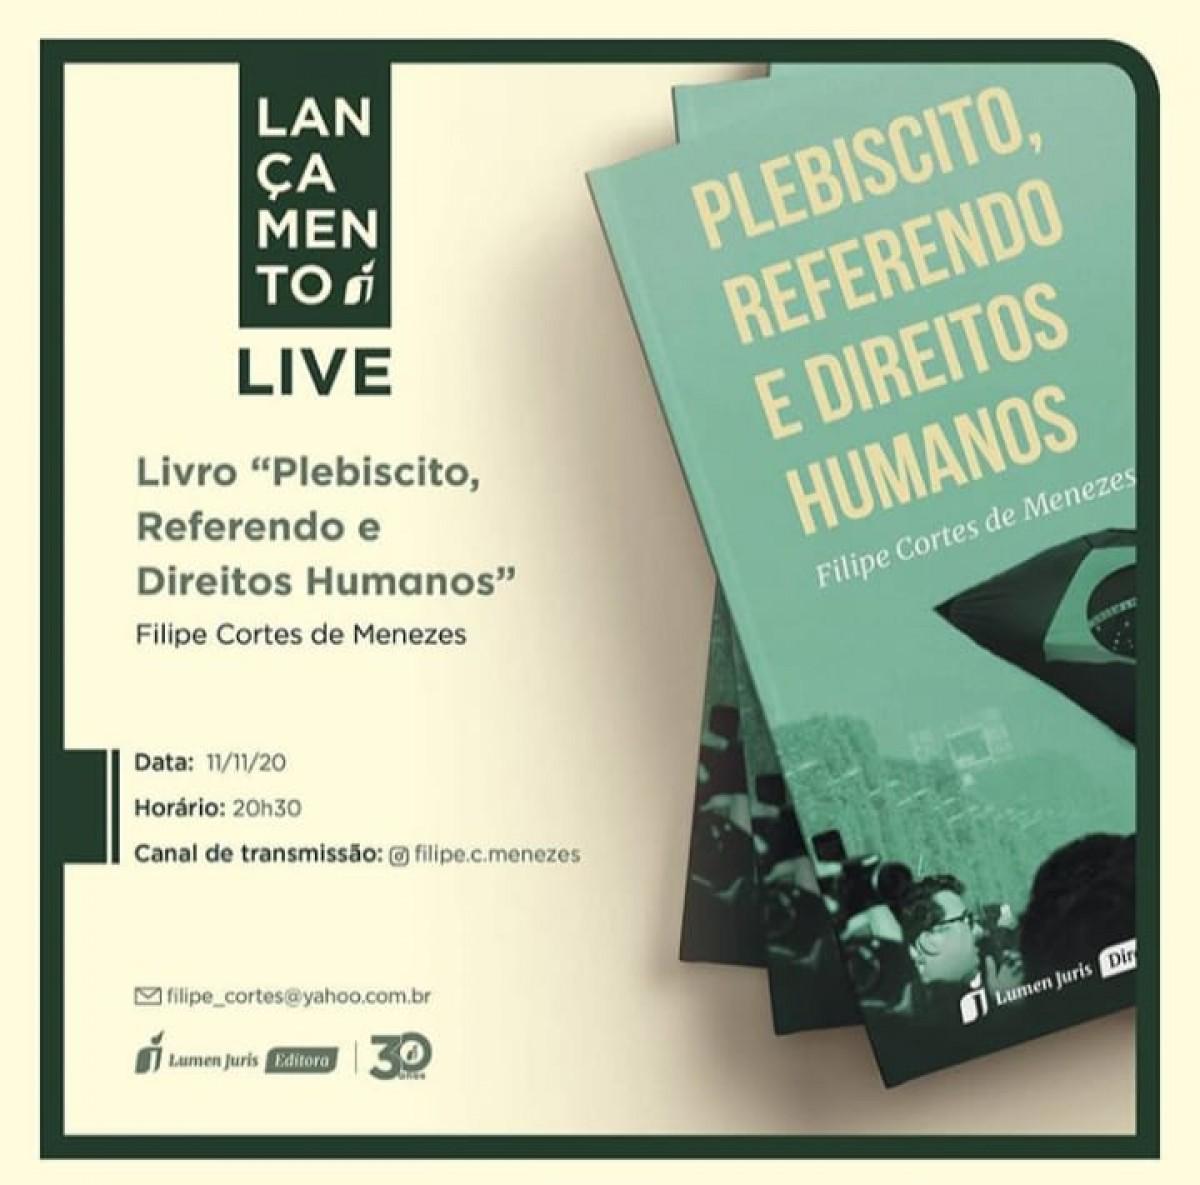 Pesquisador lançará livro sobre Plebiscito, Referendo e Direitos Humanos (Imagem: Divulgação)